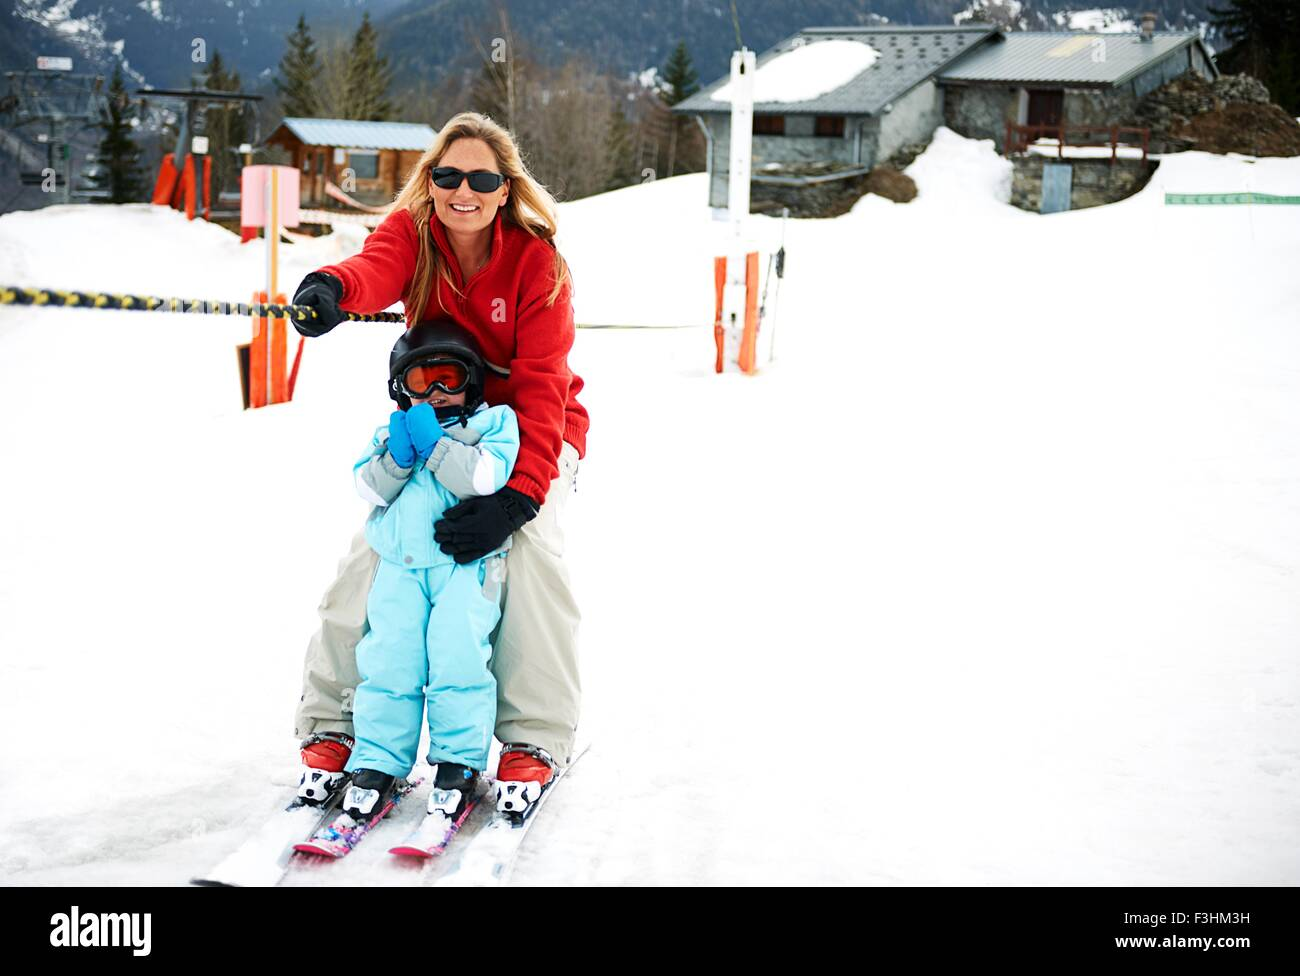 Niño varón delante de la madre sube la cuerda en el esquí, Les Arcs,,Villaroger Savoie, Francia Imagen De Stock